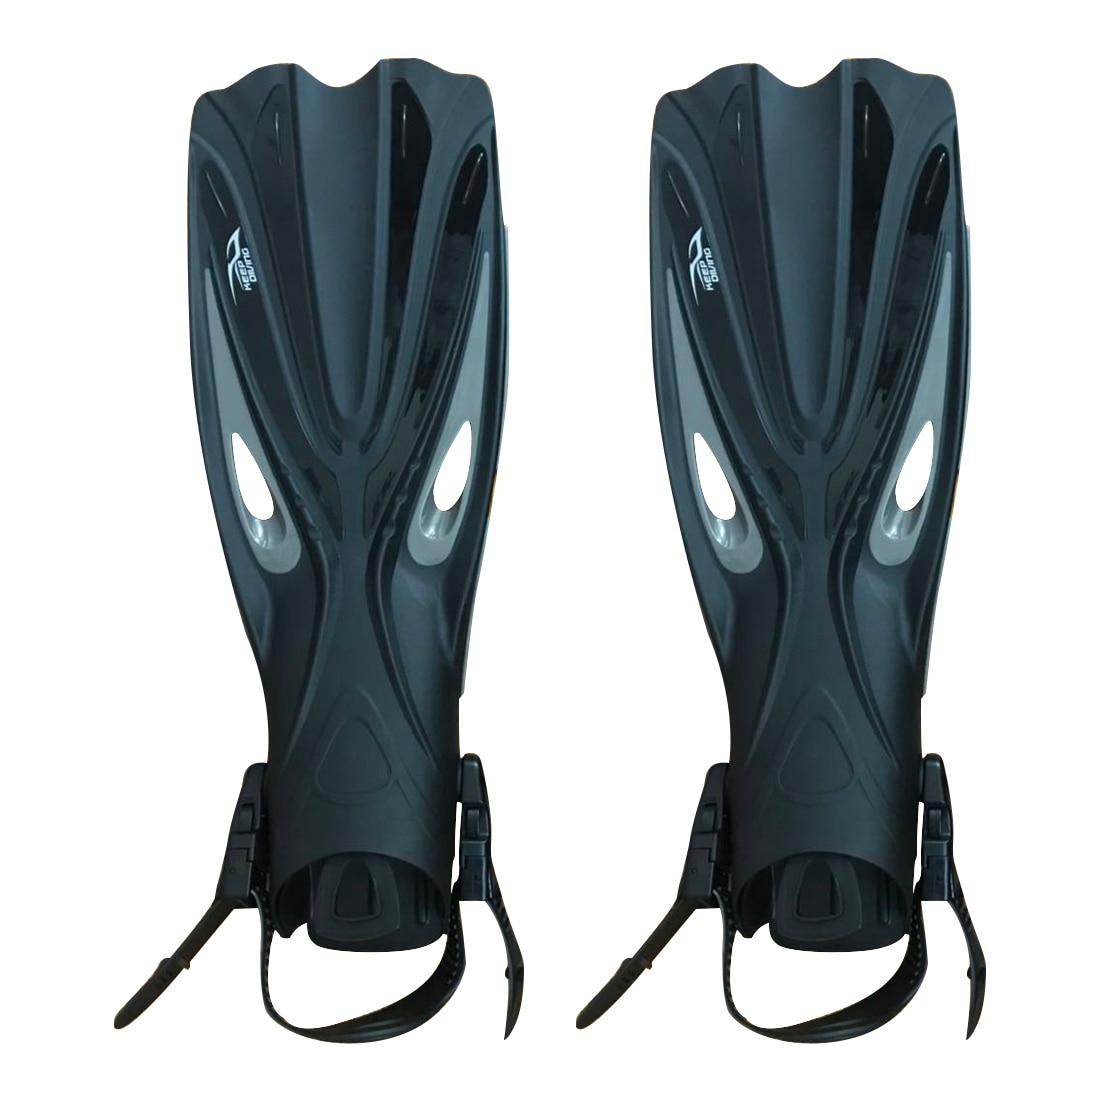 Super vente-garder la plongée à talon ouvert plongée sous-marine longues palmes réglables plongée en apnée nageoires de natation spécial pour les bottes de plongée chaussures Gea